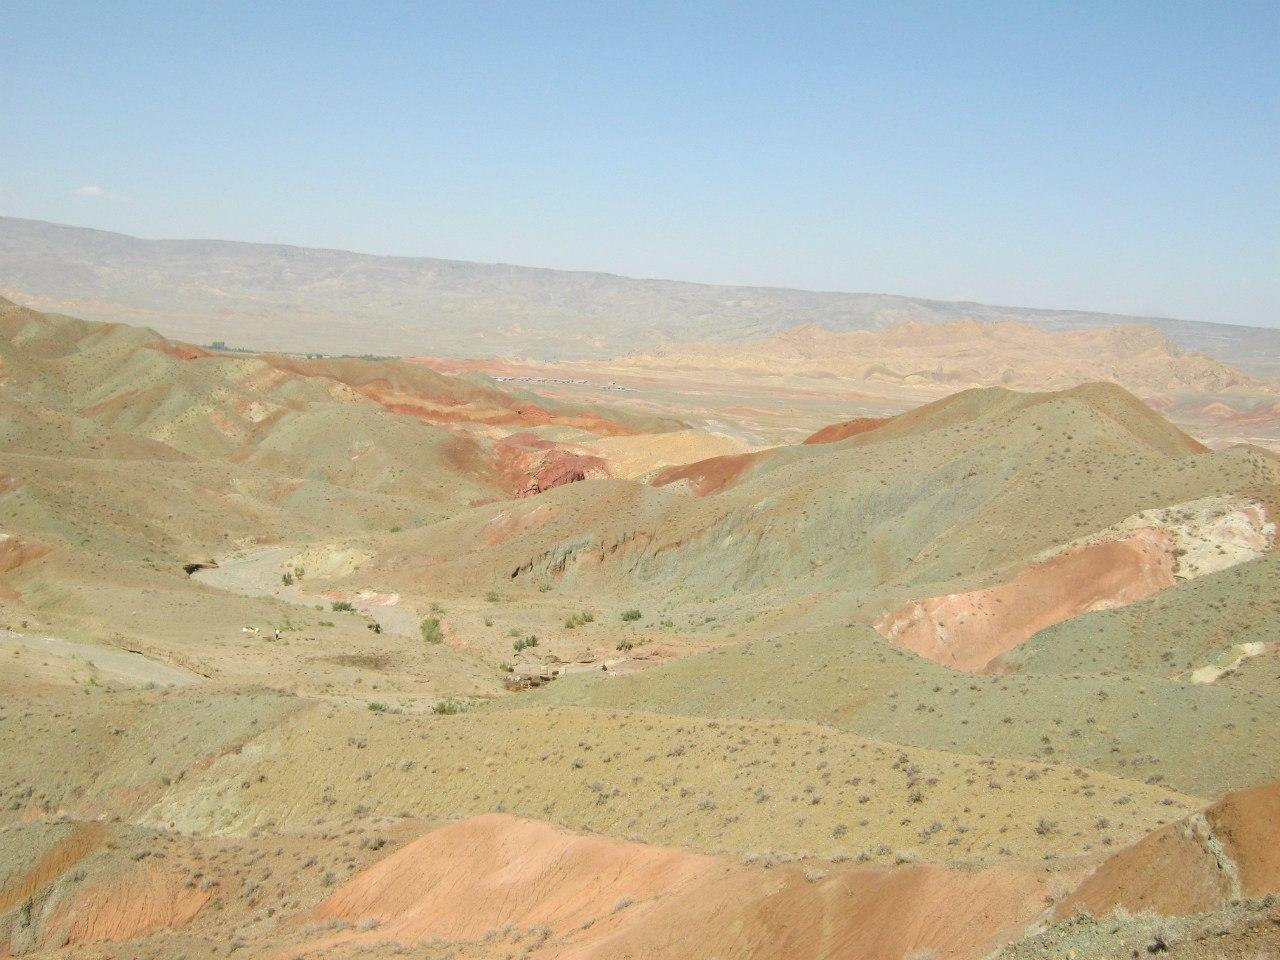 пастухи на жаре в полупустыне